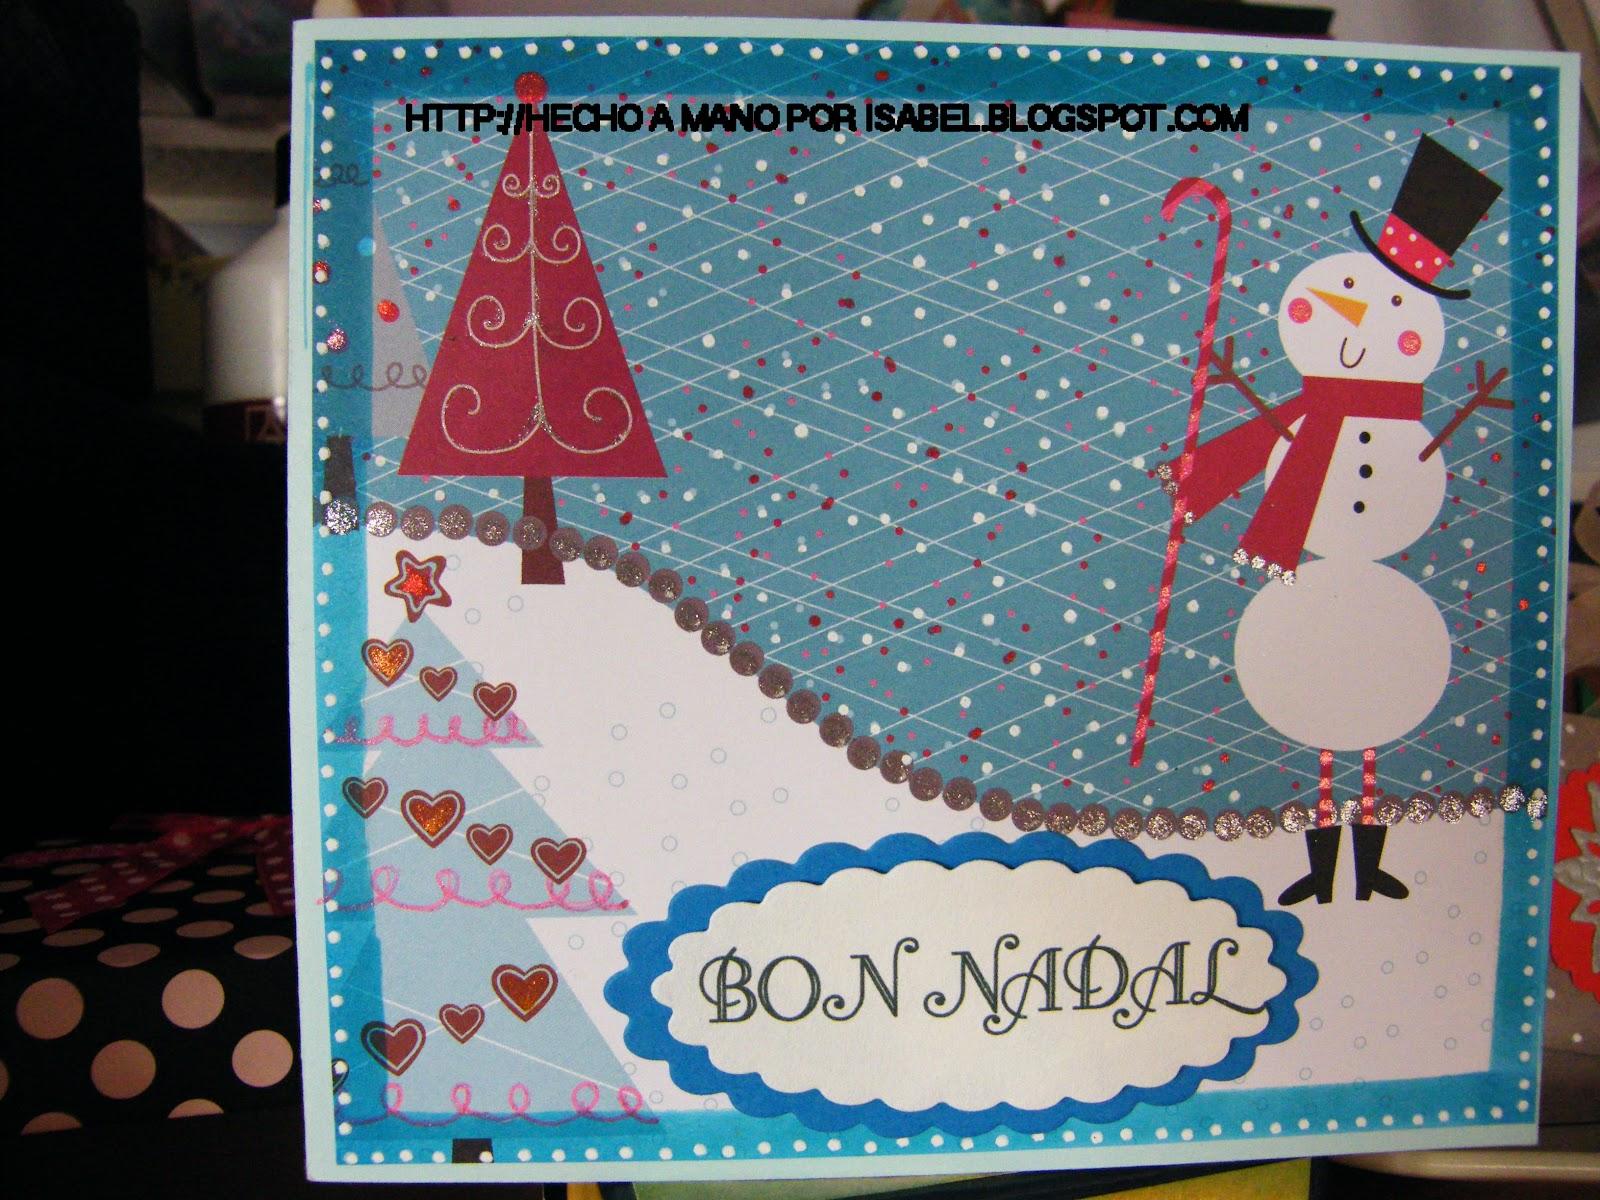 Hecho a mano por isabel tarjeta de navidad con mu eco de - Como hacer una felicitacion de navidad original ...